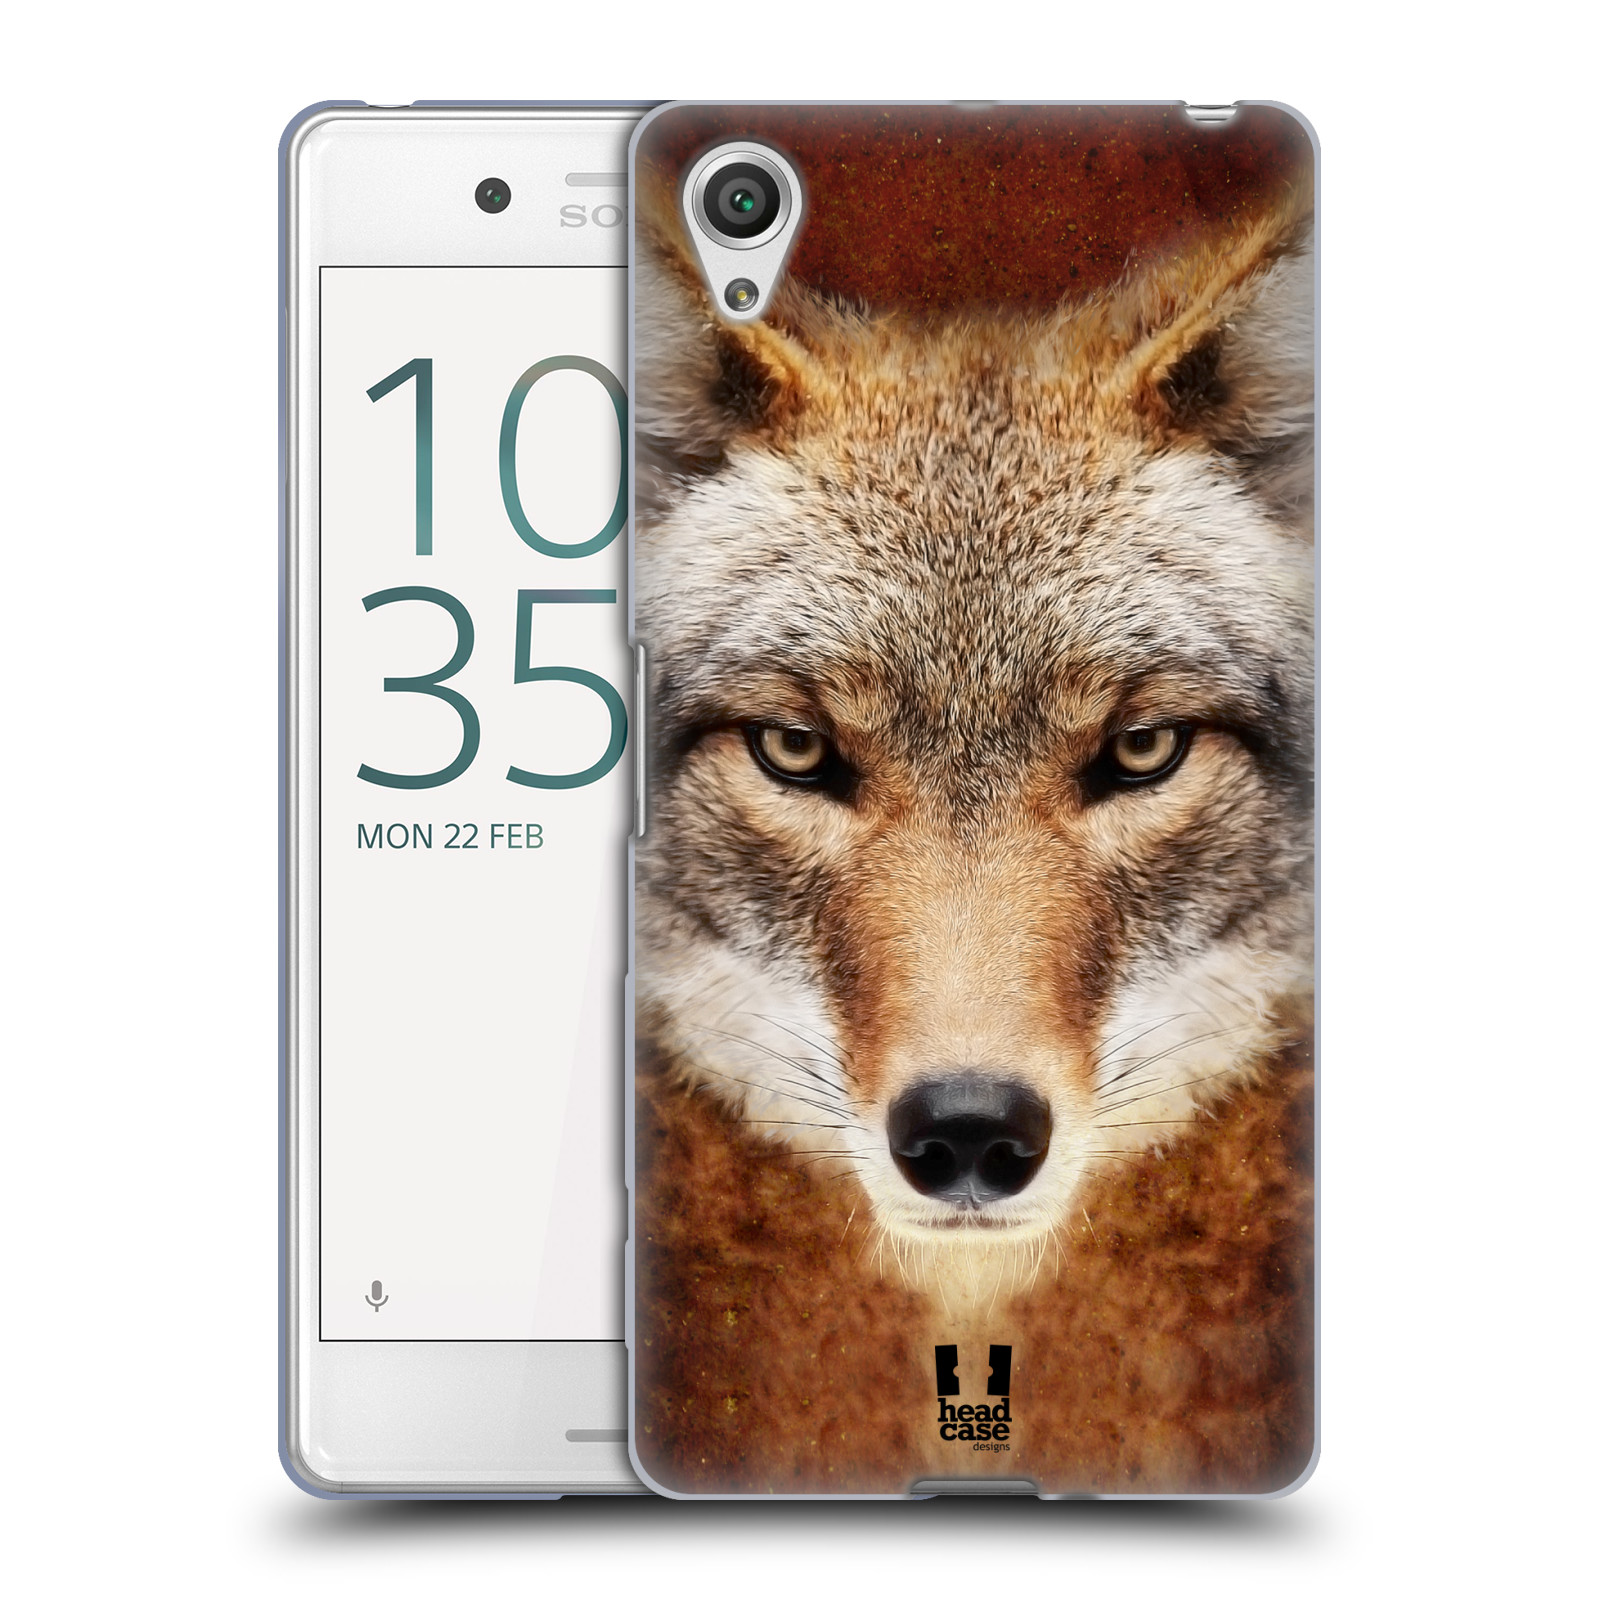 HEAD CASE silikonový obal na mobil Sony Xperia X PERFORMANCE (F8131, F8132) vzor Zvířecí tváře kojot